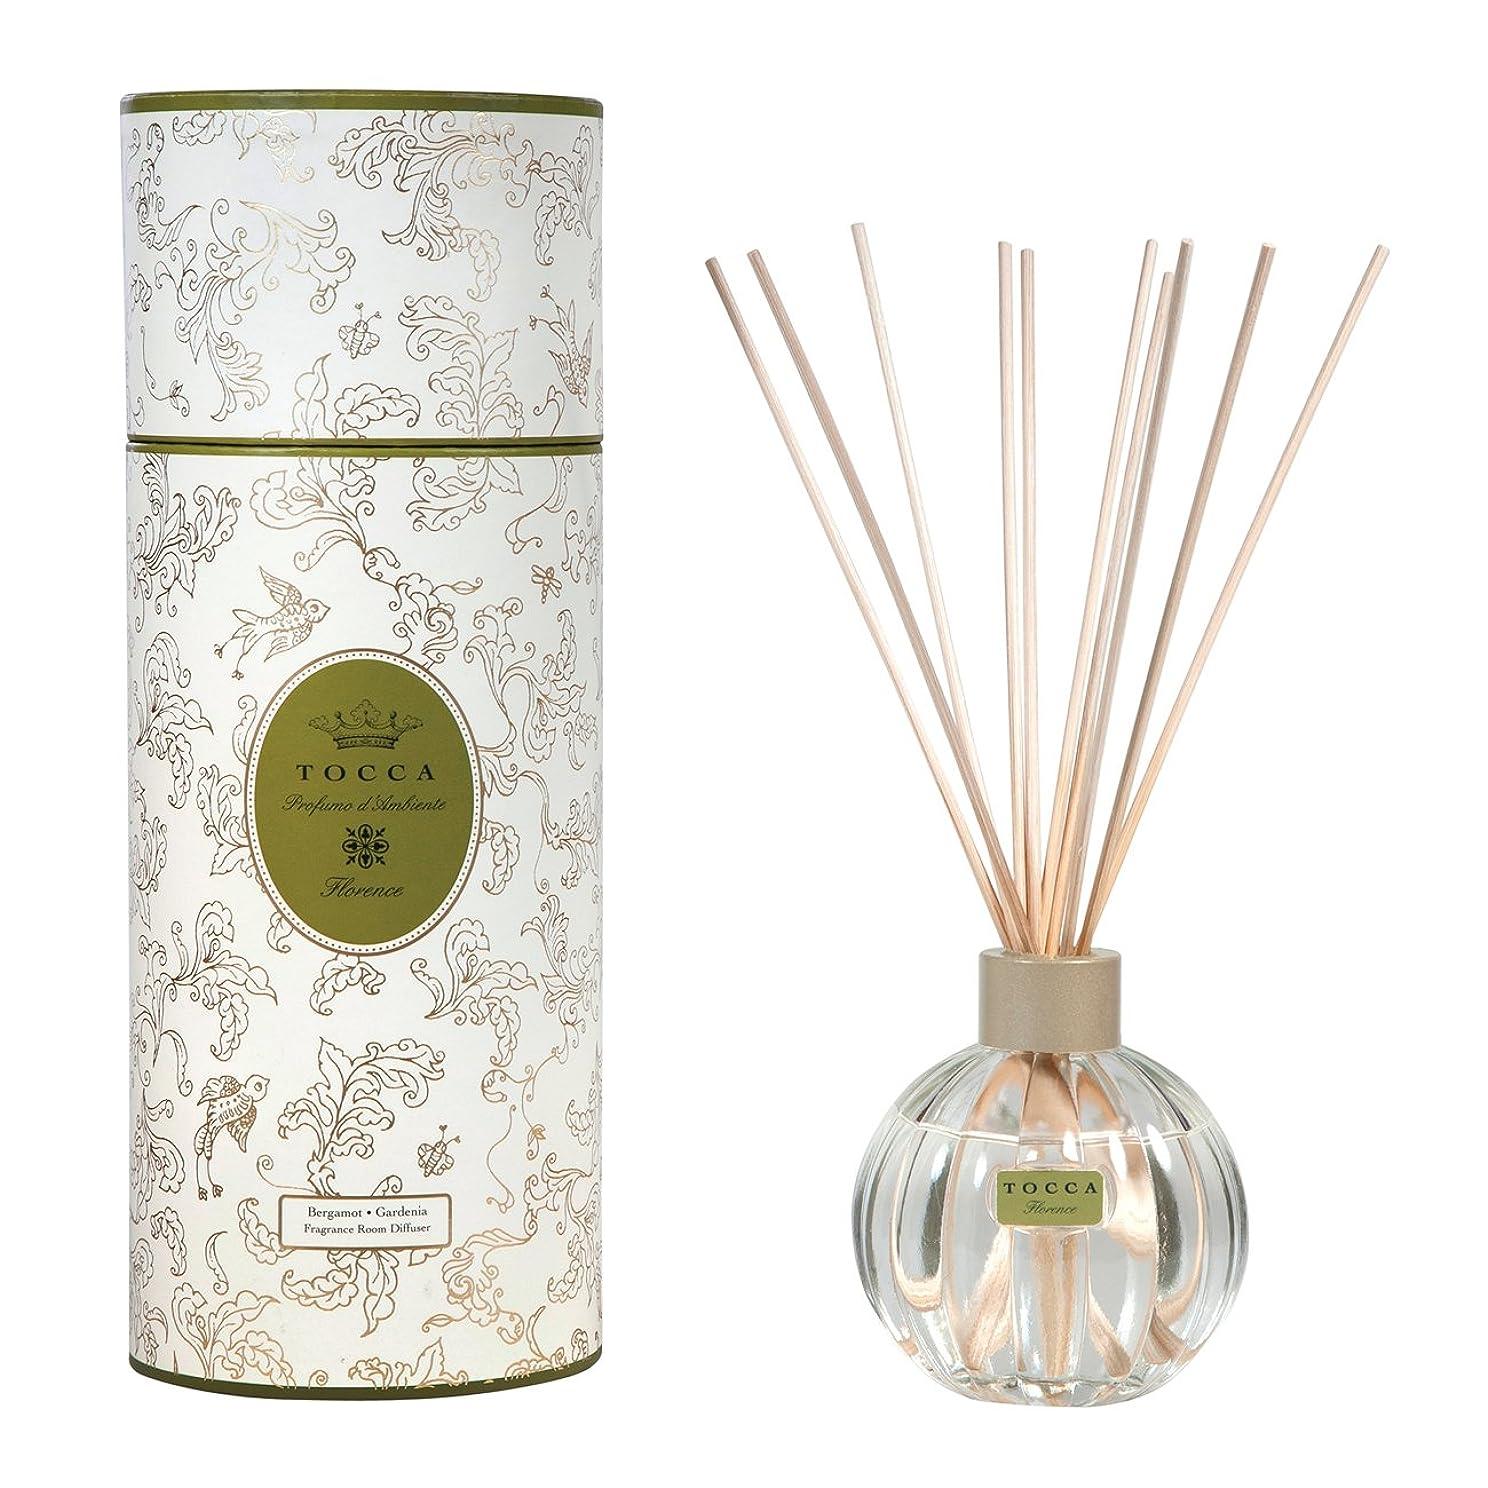 太い振る舞い狂乱トッカ(TOCCA) リードディフューザー フローレンスの香り 175ml 3~4ヶ月持続(芳香剤 ルームフレグランス ガーデニアとベルガモットが誘うように溶け合うどこまでも上品なフローラルの香り)